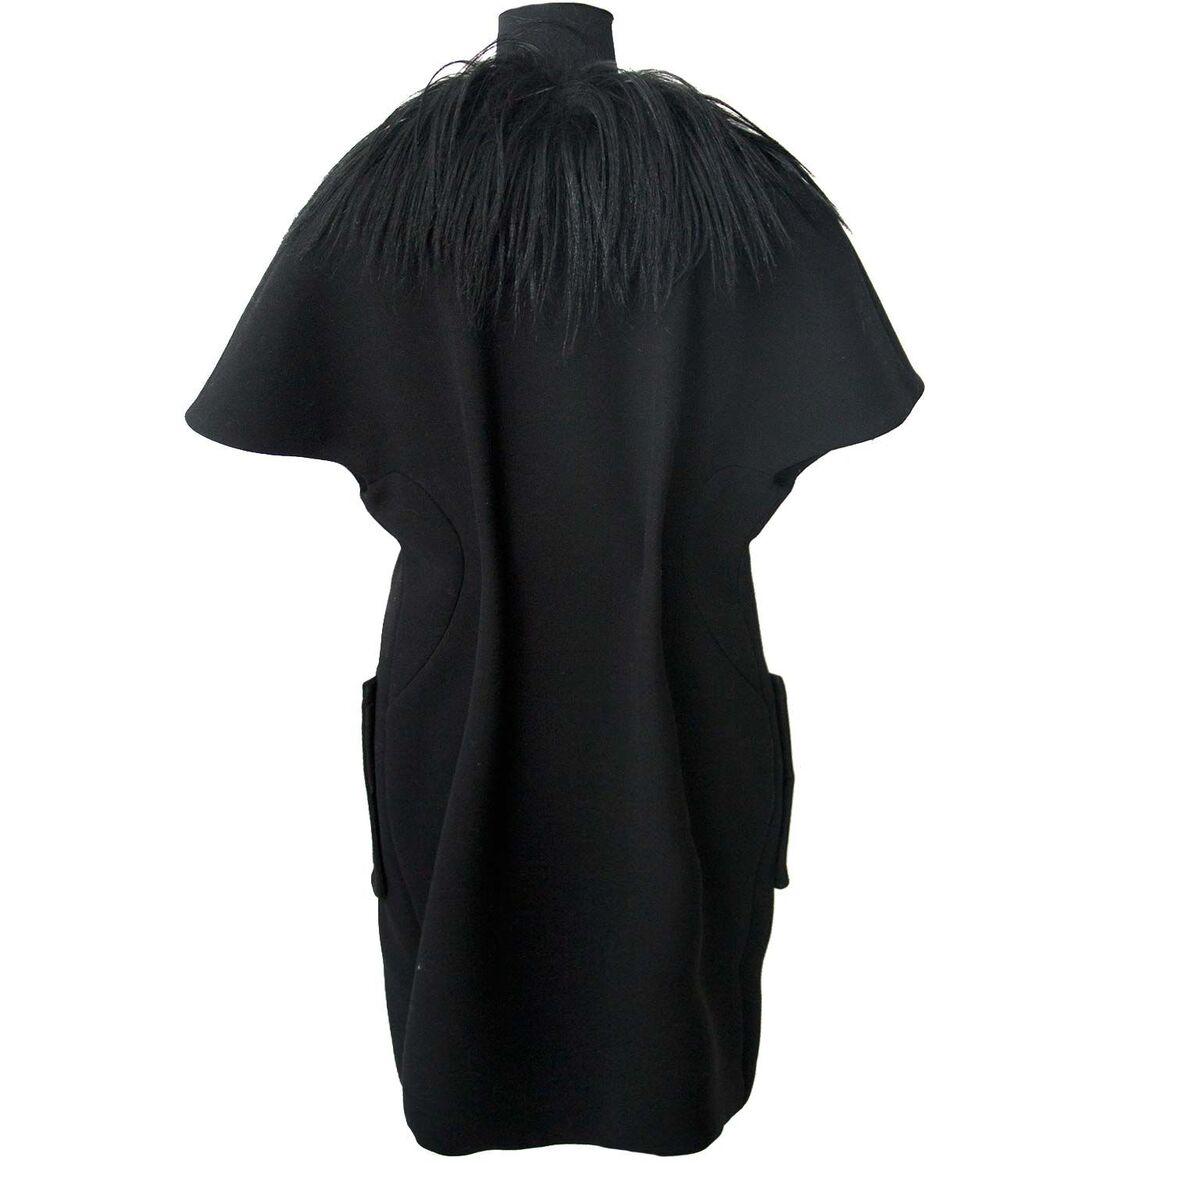 Koop authentieke tweedehands Marni zwart bontkraag aan een eerlijke prijs bij LabelLOV. Veilig online shoppen.